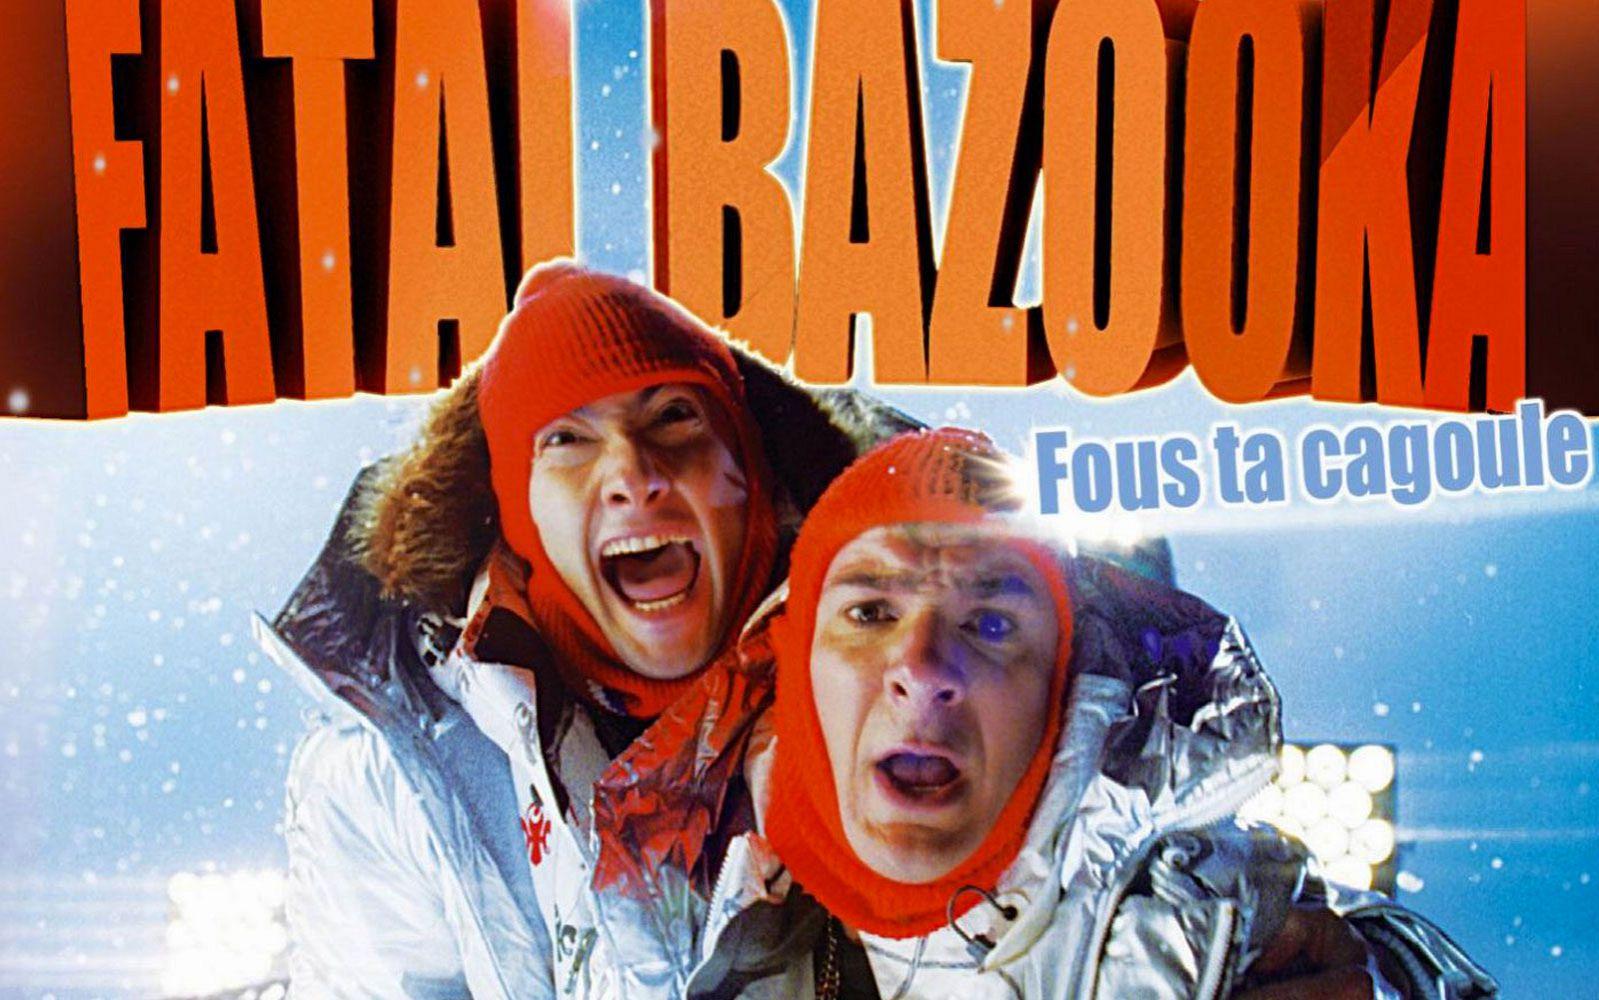 Fatal Bazooka Et Apr 232 S Article Abcdr Du Son